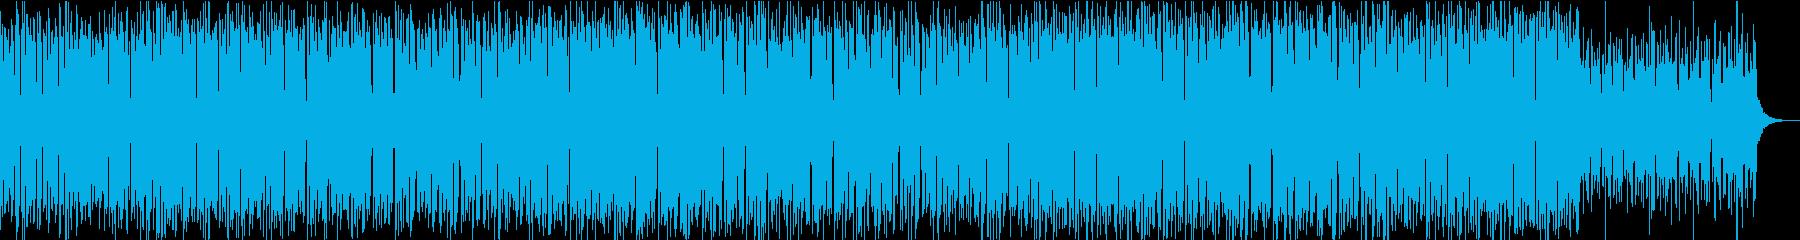 ダークでおしゃれなハウスの再生済みの波形